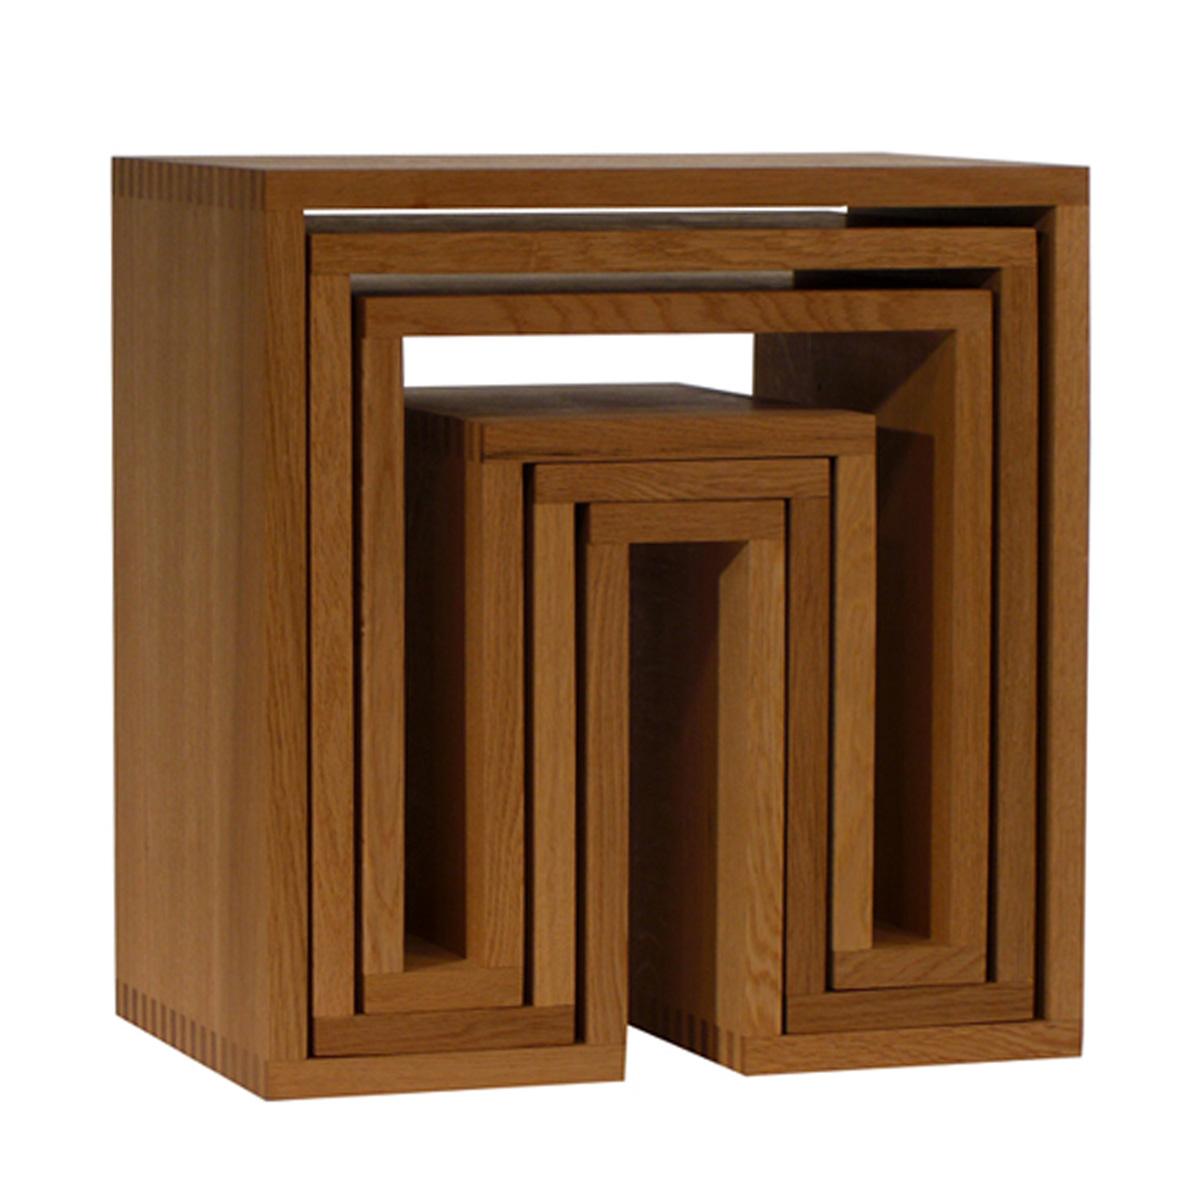 abode 3個セット ネスティングテーブル ナチュラル Nesting Tables 3pc.SET ウー バホリヨディン Ou Baholyodhin バホリヨデン SHOJIシリーズ 収納棚 テーブル 什器 スツール マガジンラック コンソール